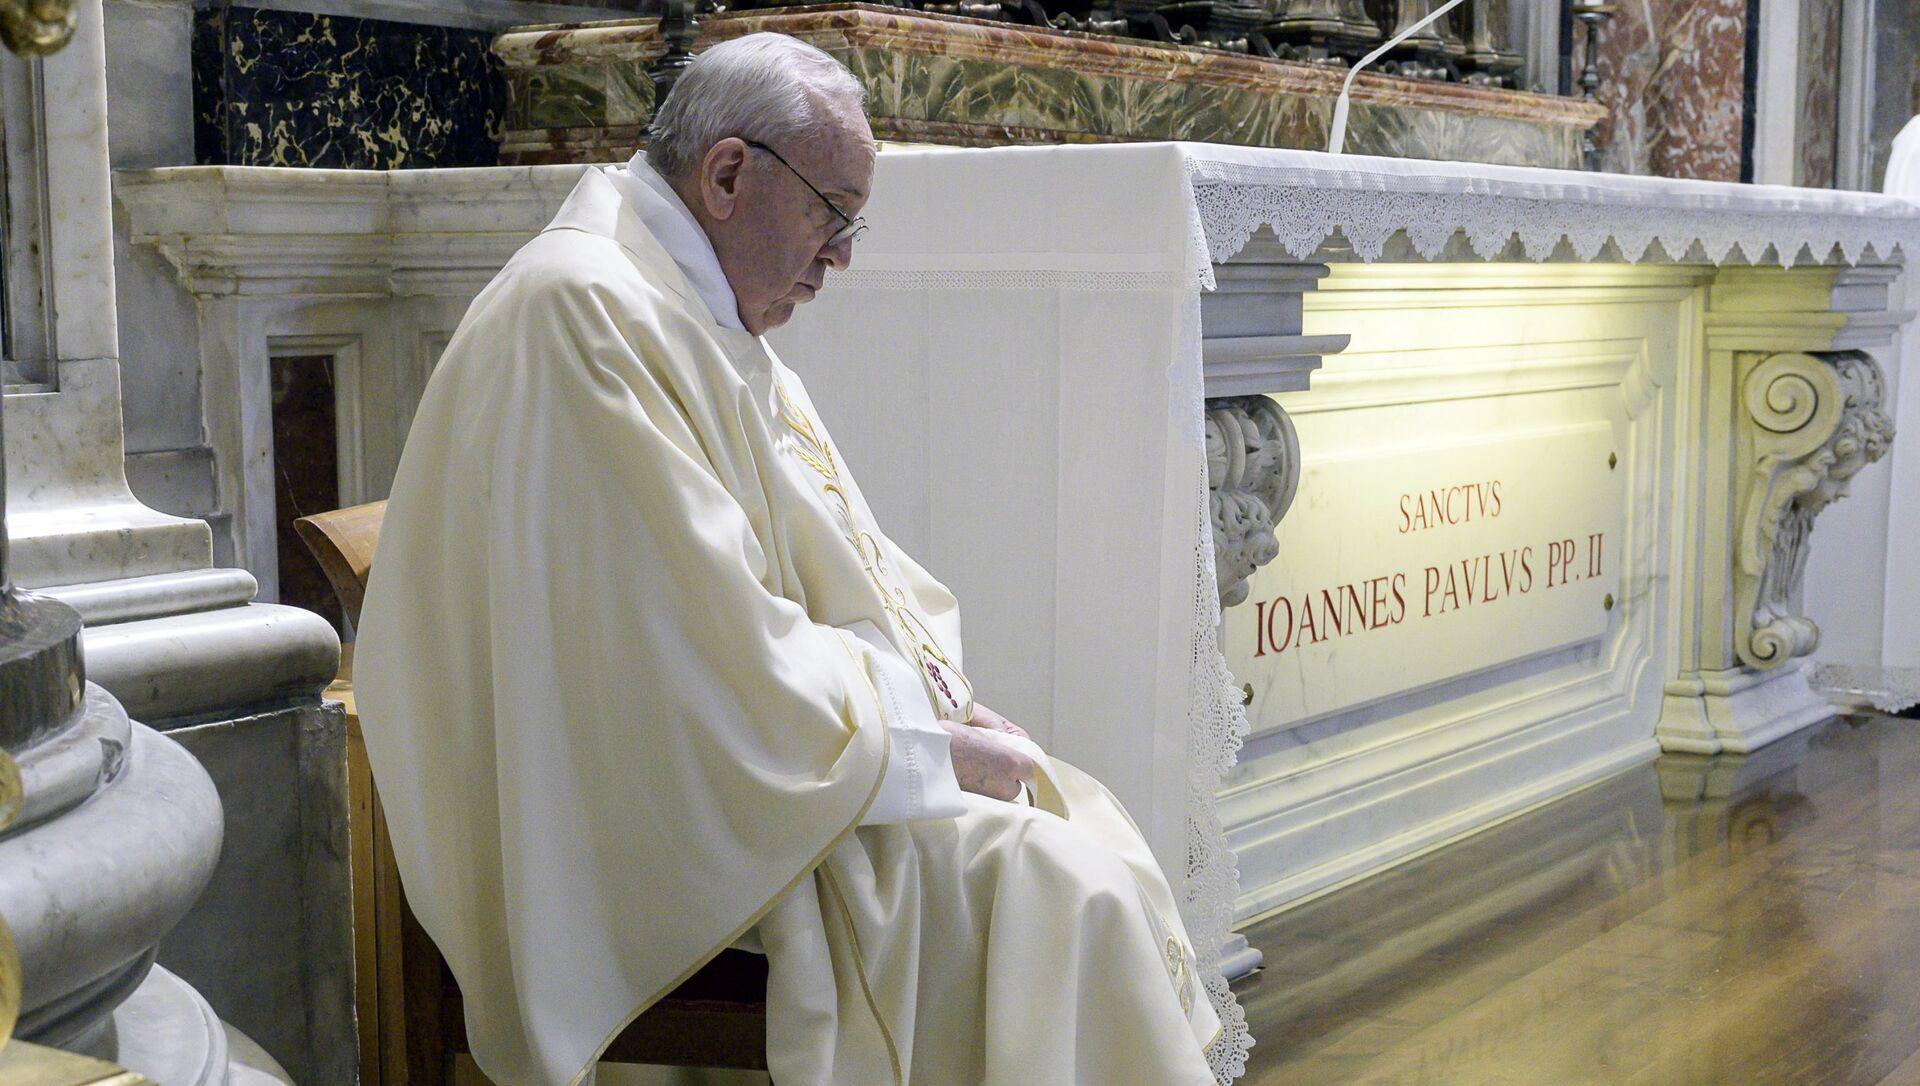 Papa Francesco ha riaperto le celebrazioni liturgiche con i fedeli dando inizio al rito presso la tomba di Giovanni Paolo II in occasione del centenario della nascita del pontefice polacco, nella Basilica di San Pietro - Sputnik Italia, 1920, 29.03.2021